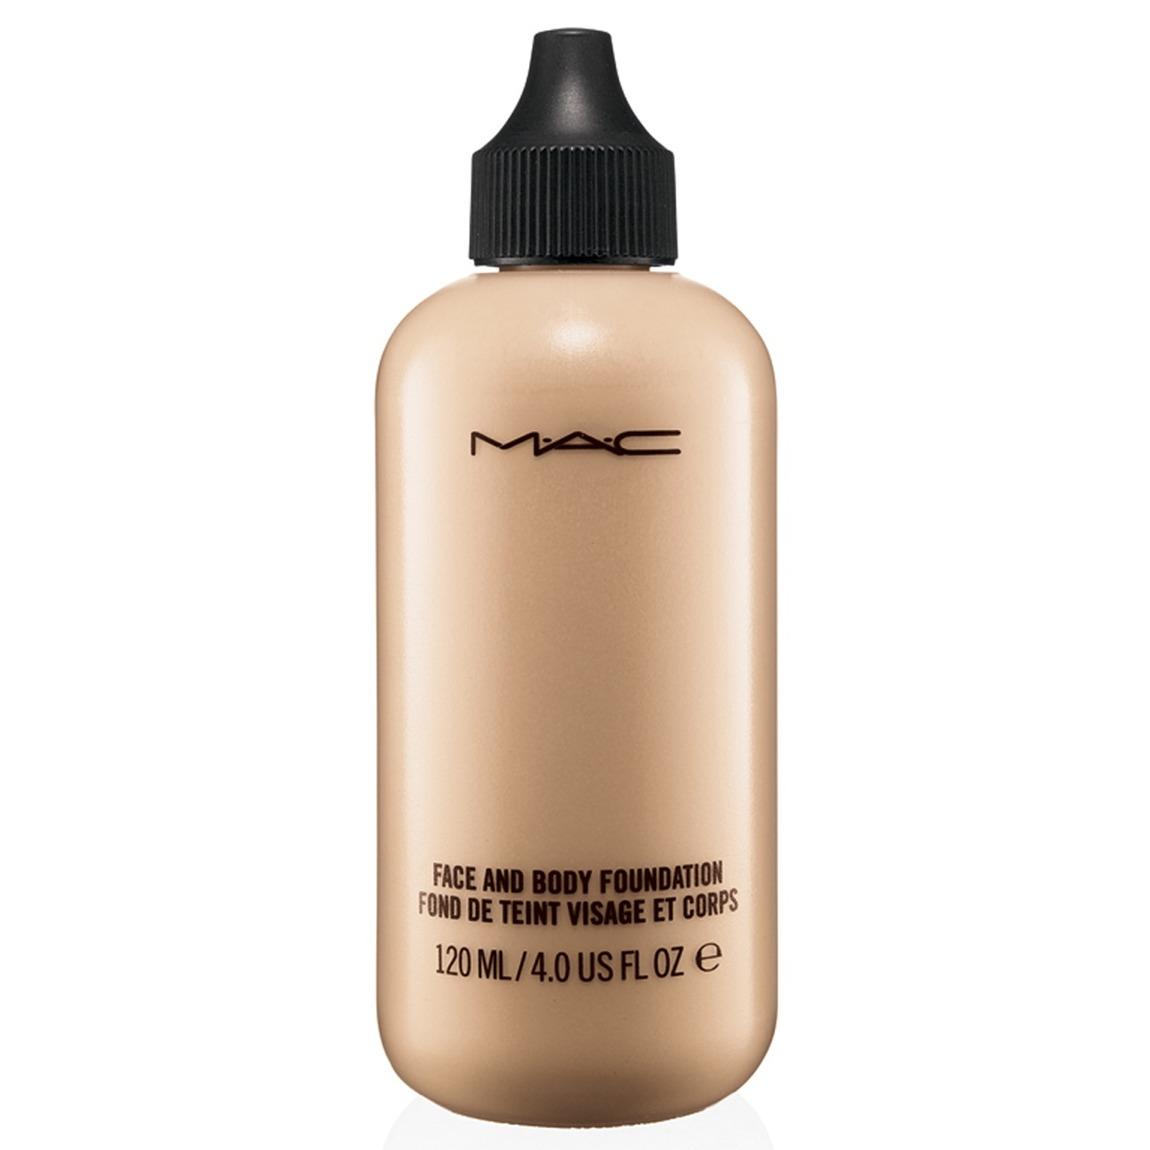 mac-face-and-body-foundation, Το ένα προϊόν που χρειάζεστε για αψεγάδιαστες εορταστικές εμφανίσεις